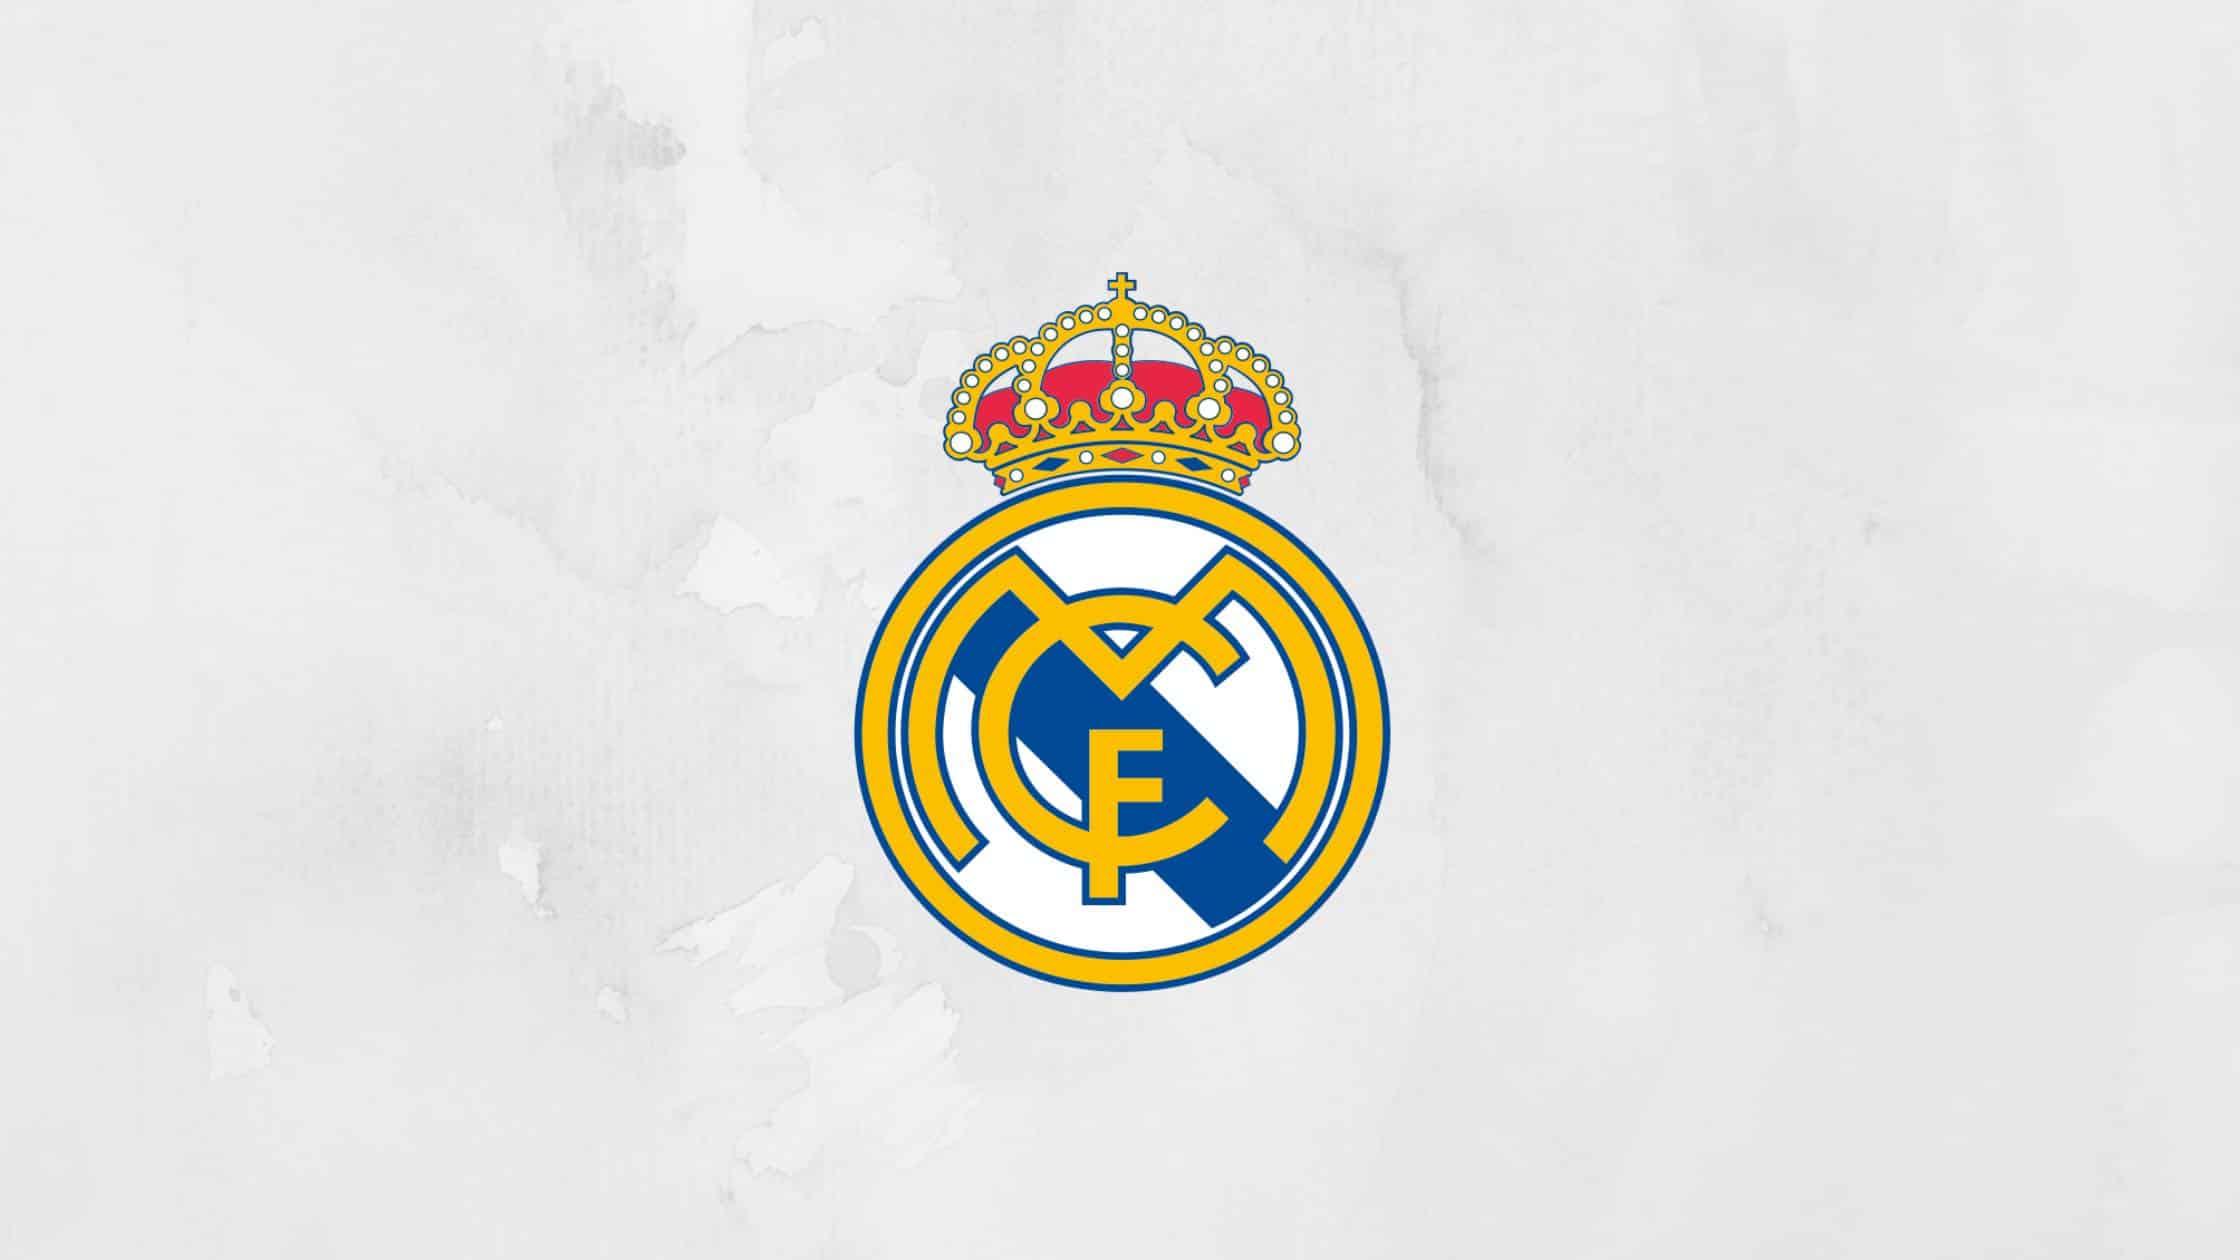 Real Madrid sit der Rekordsieger der Champions League. Die Königlichen haben die Königsklasse zwischen 2016 und 2018 sogar dreimal in Folge gewonnen.